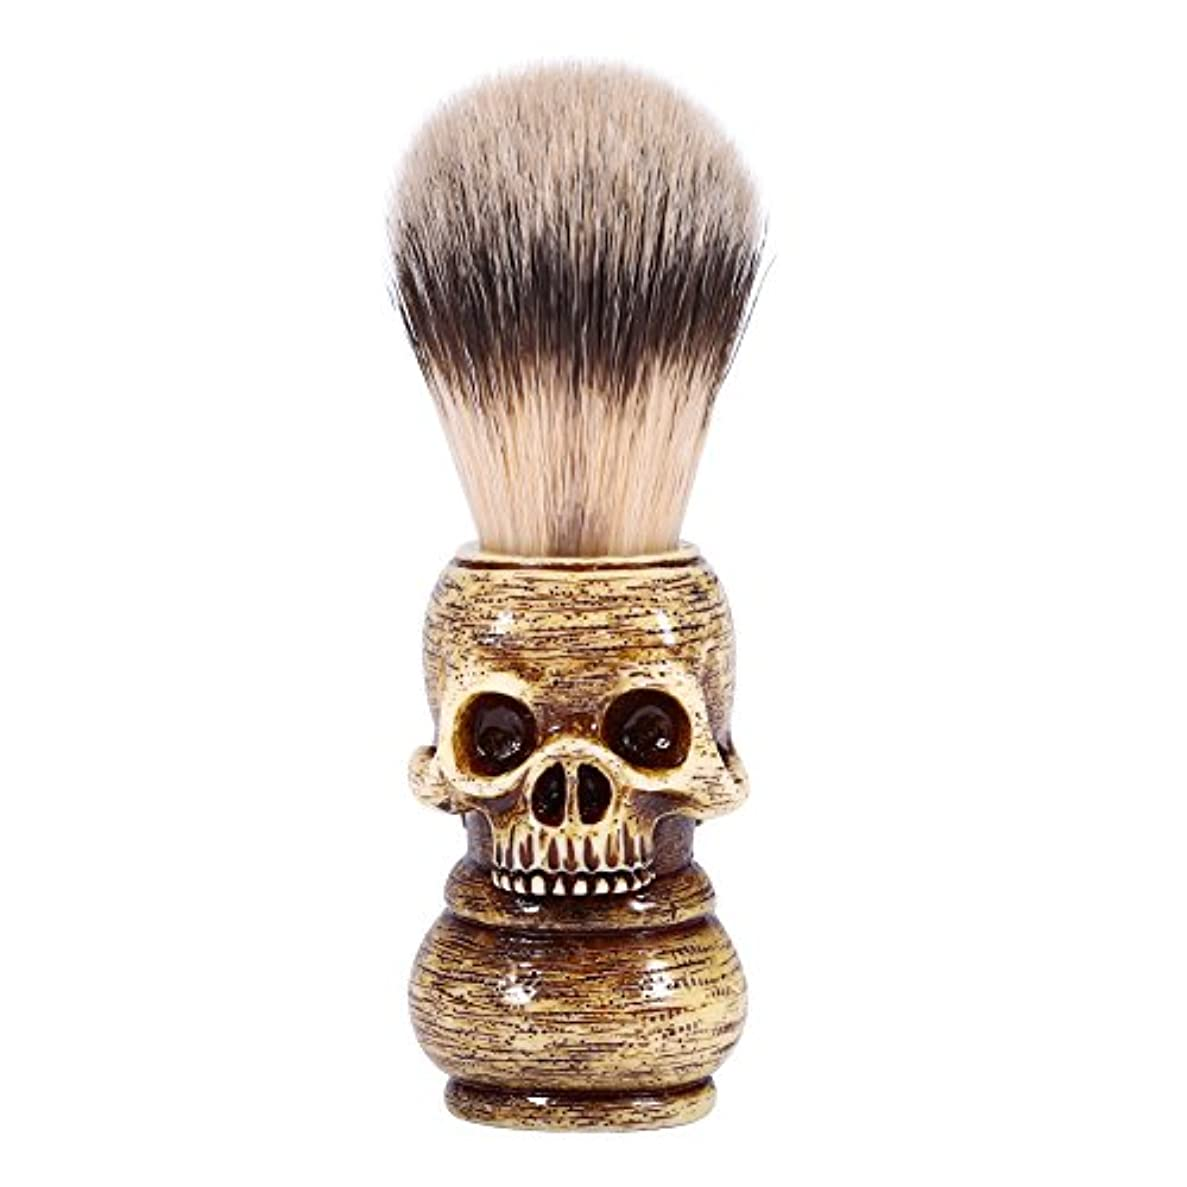 怒り単調なから聞くシェービングブラシ メンズ グルーミングツール メイクアップ サロン ビアードシェービングブラシ ひげ 洗顔 髭剃り 男性 ギフト理容